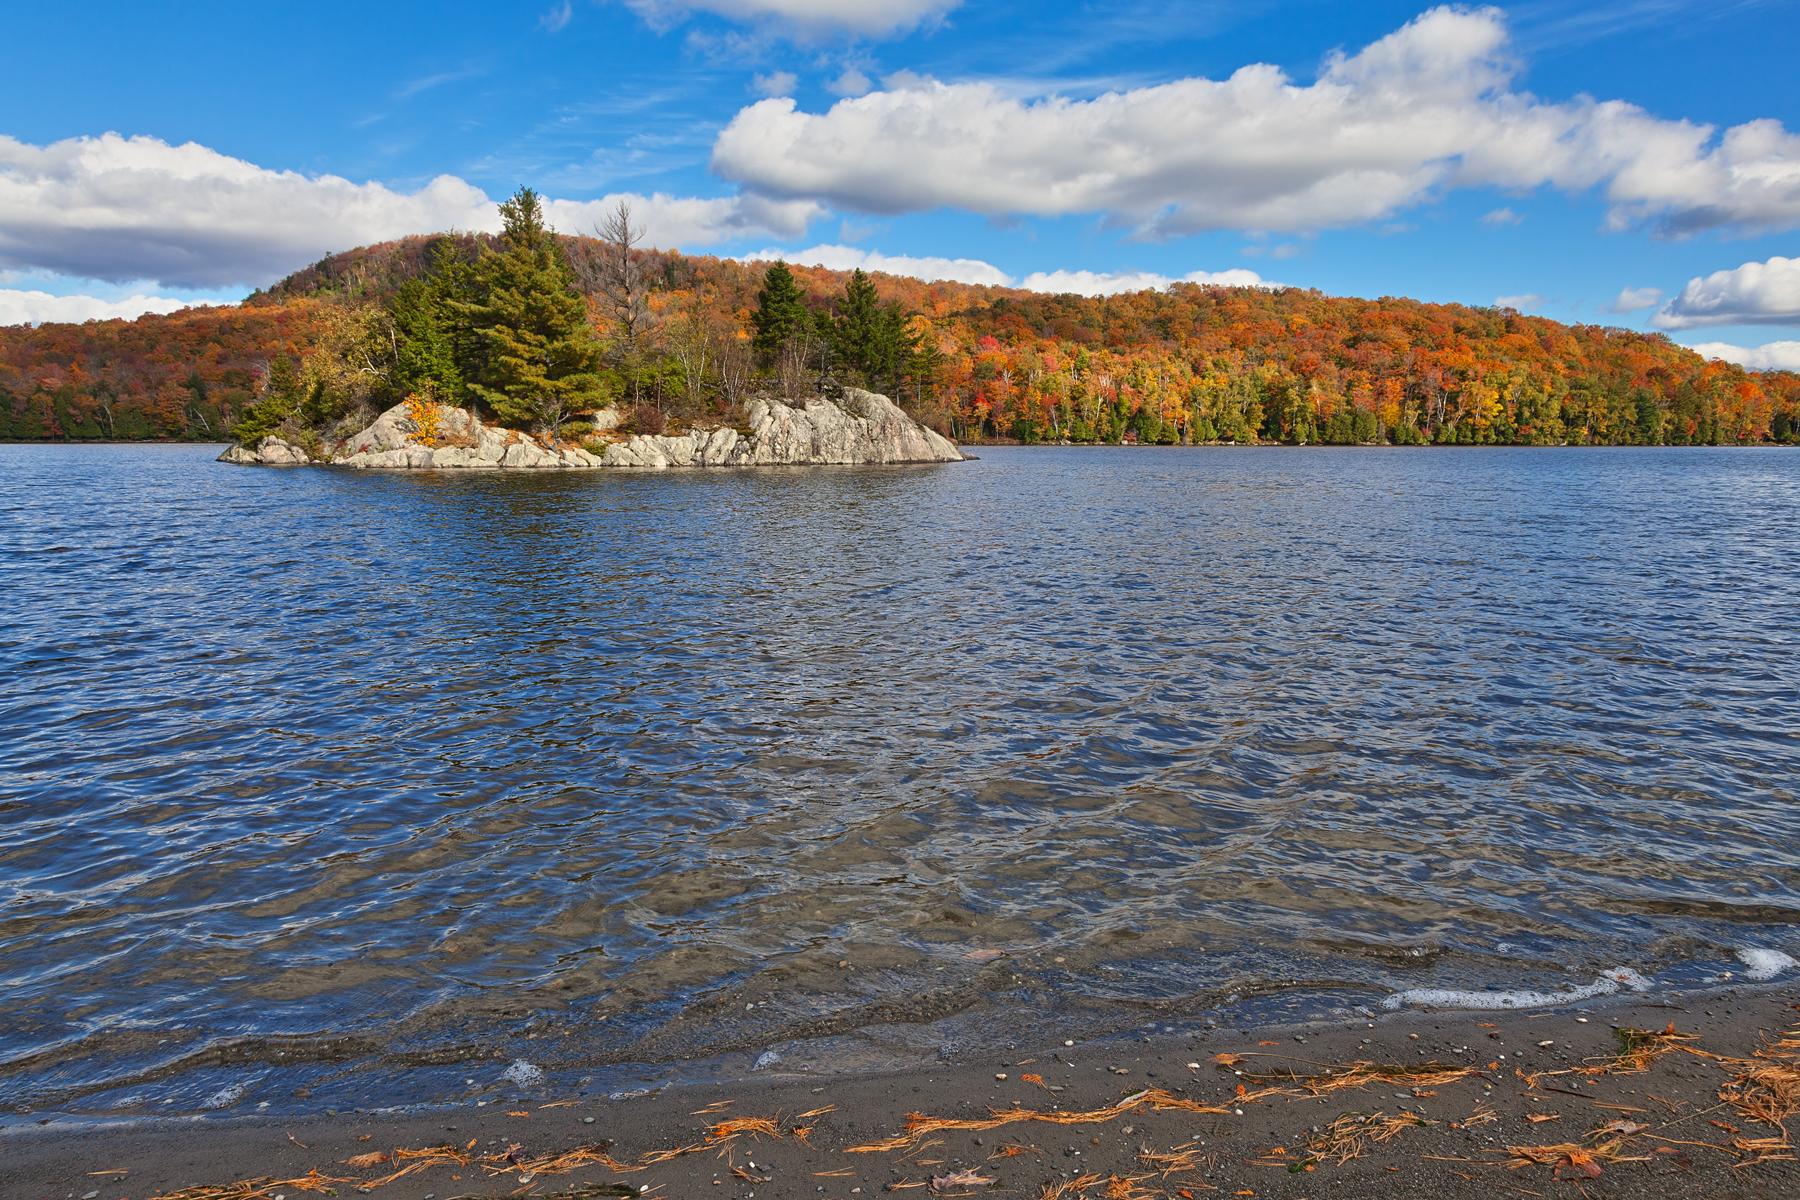 Lac stukely autumn - hdr photo